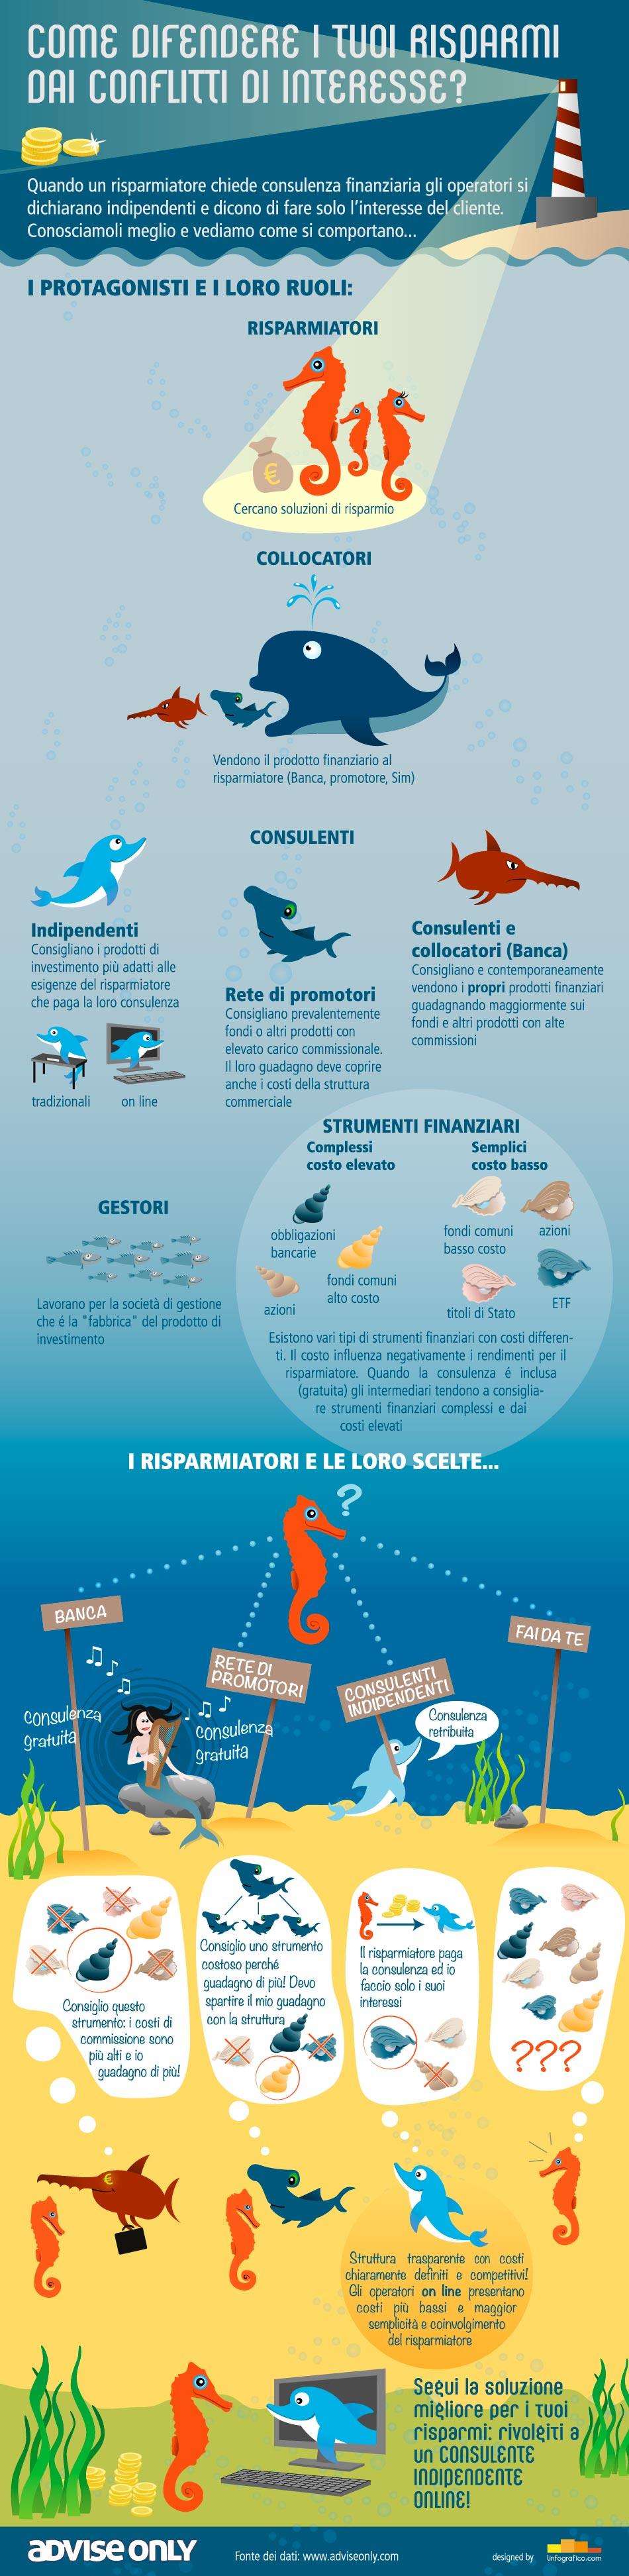 Infografica Advise Only